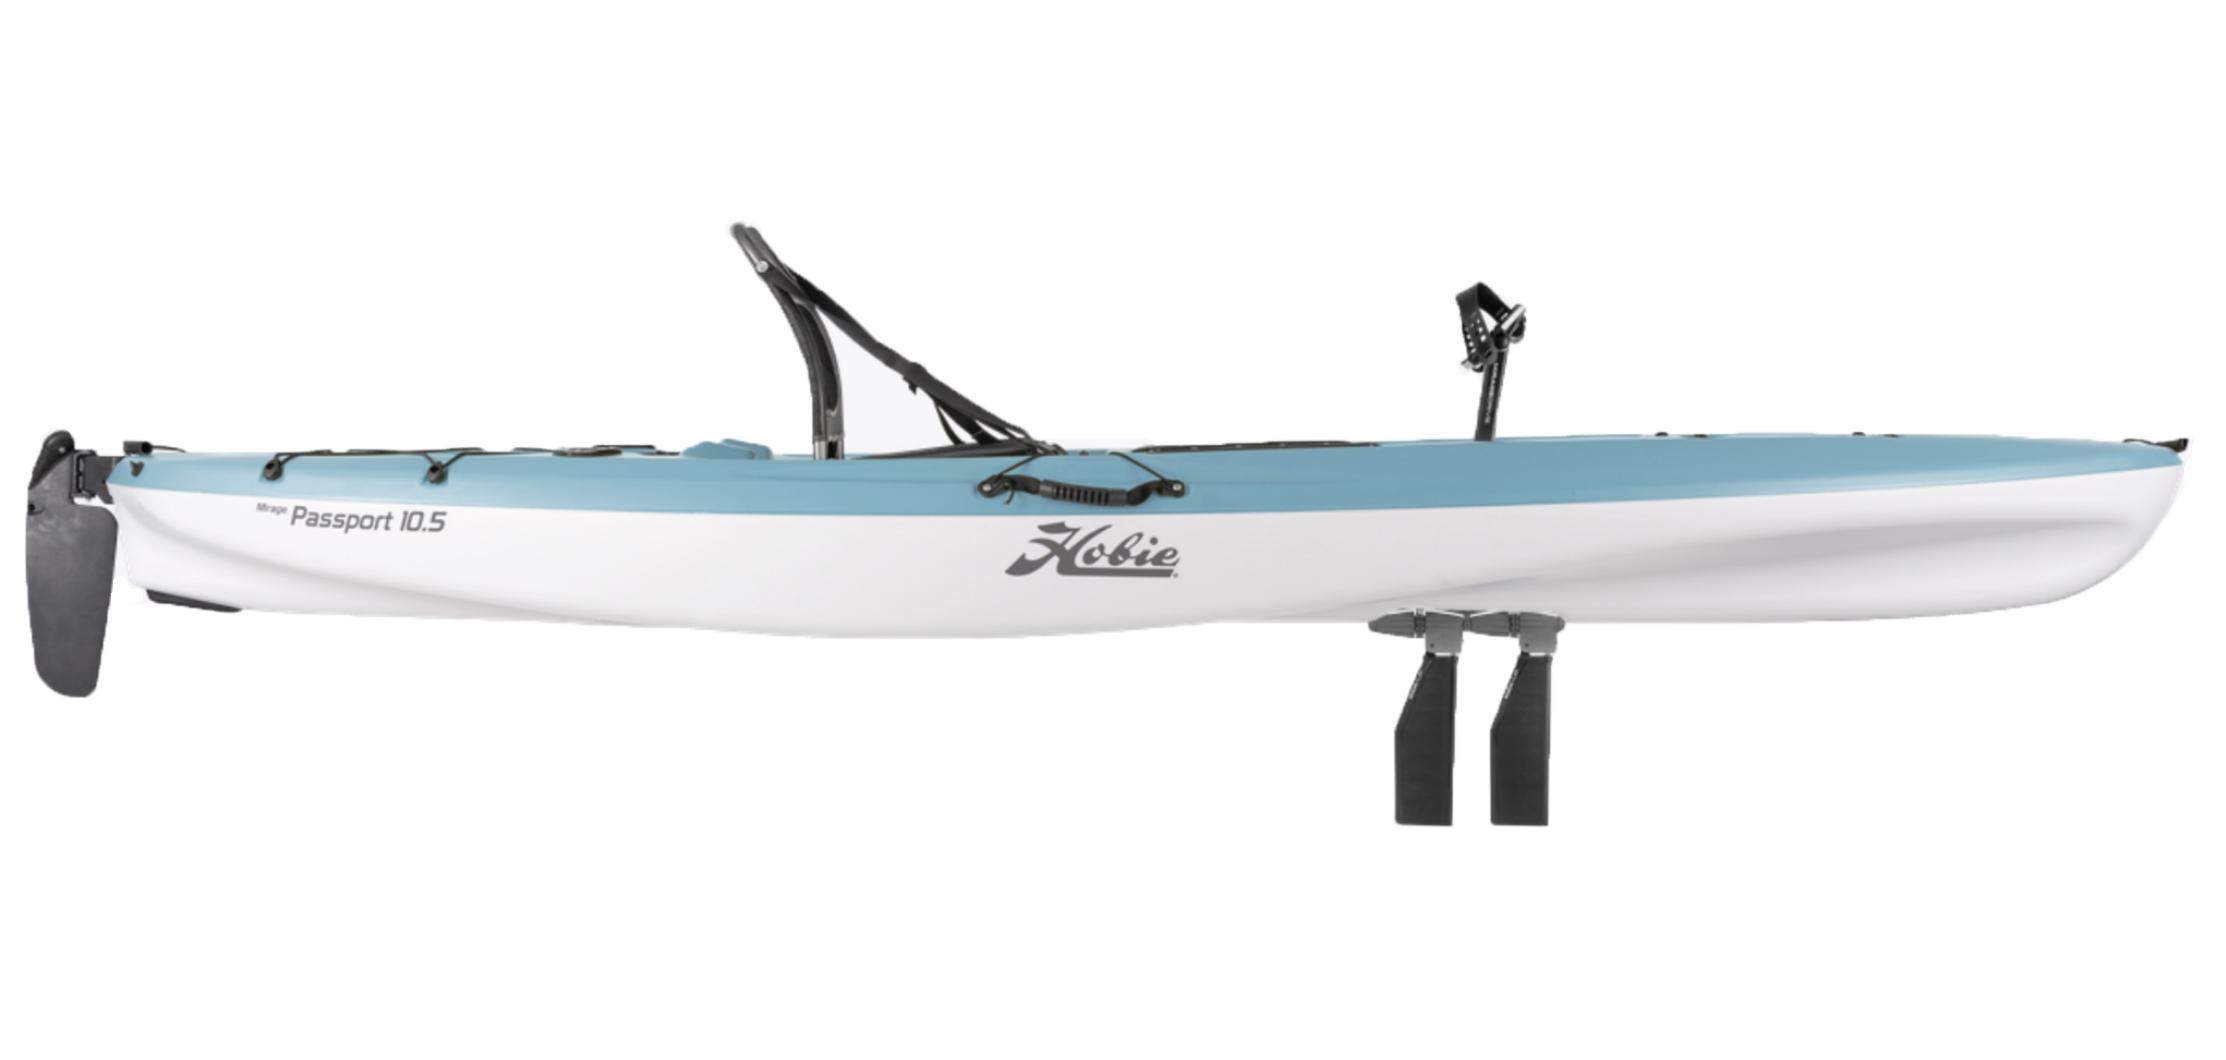 hobie mirage passport 10.5 kayak